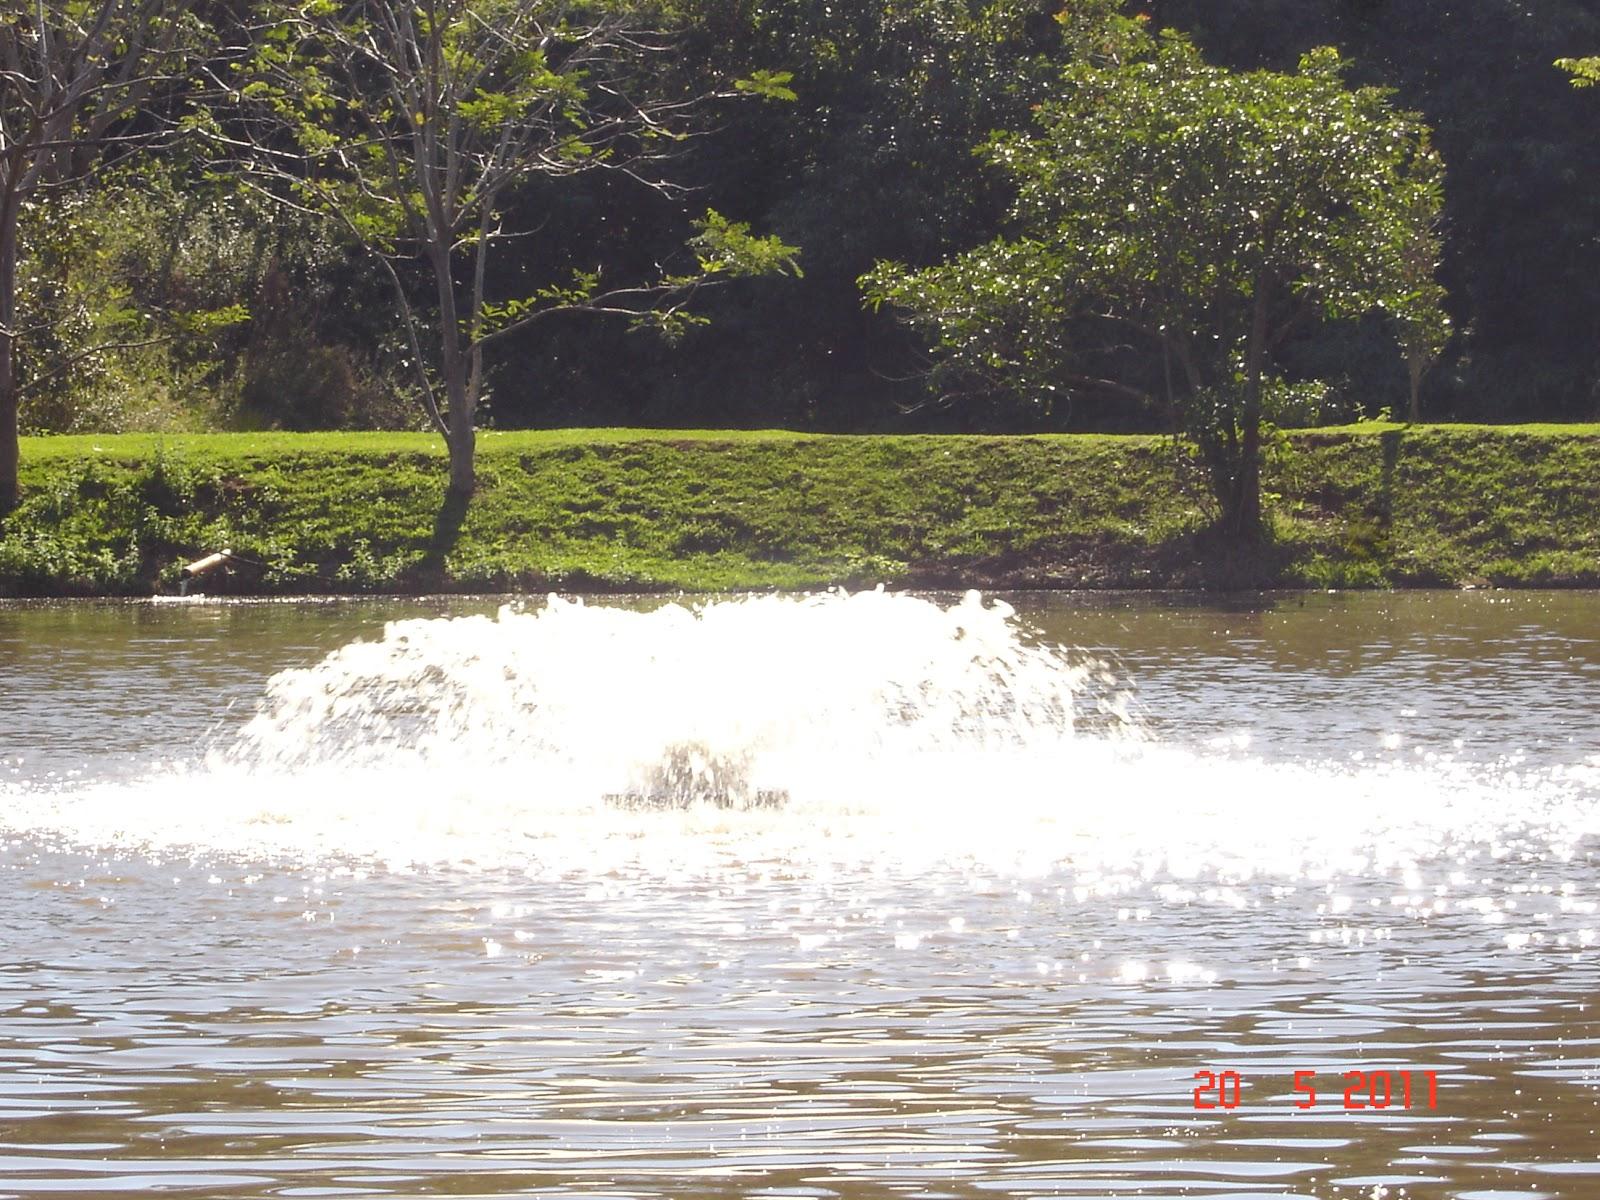 Cria peixe tilapicultura limnologia para a cria o de peixes for Construccion de estanques para piscicultura